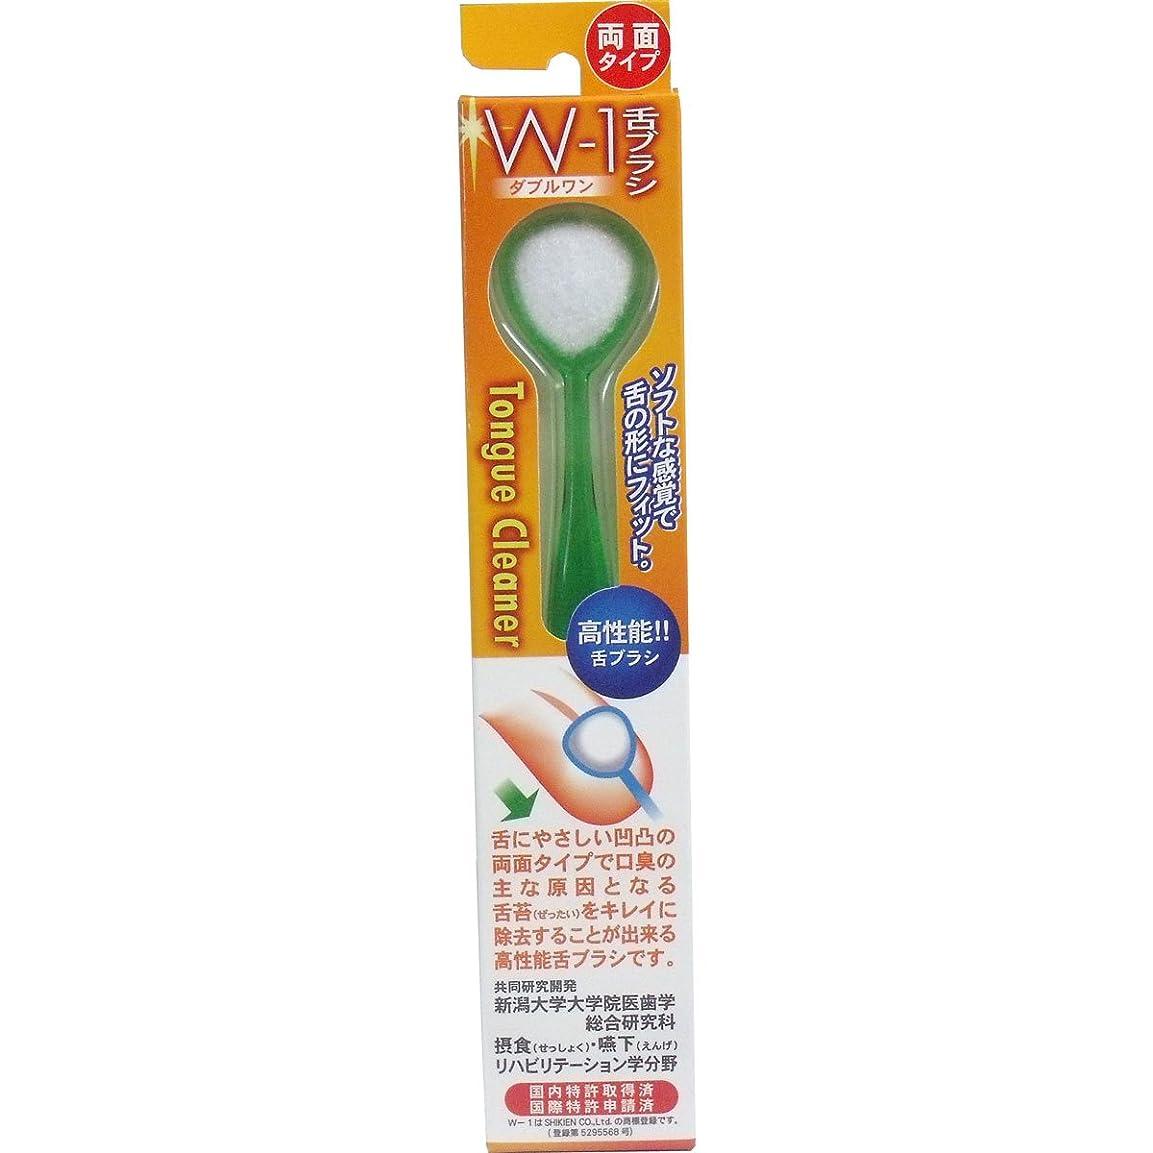 加速度適度な消化舌ブラシ W-1 (4本組, グリーン)